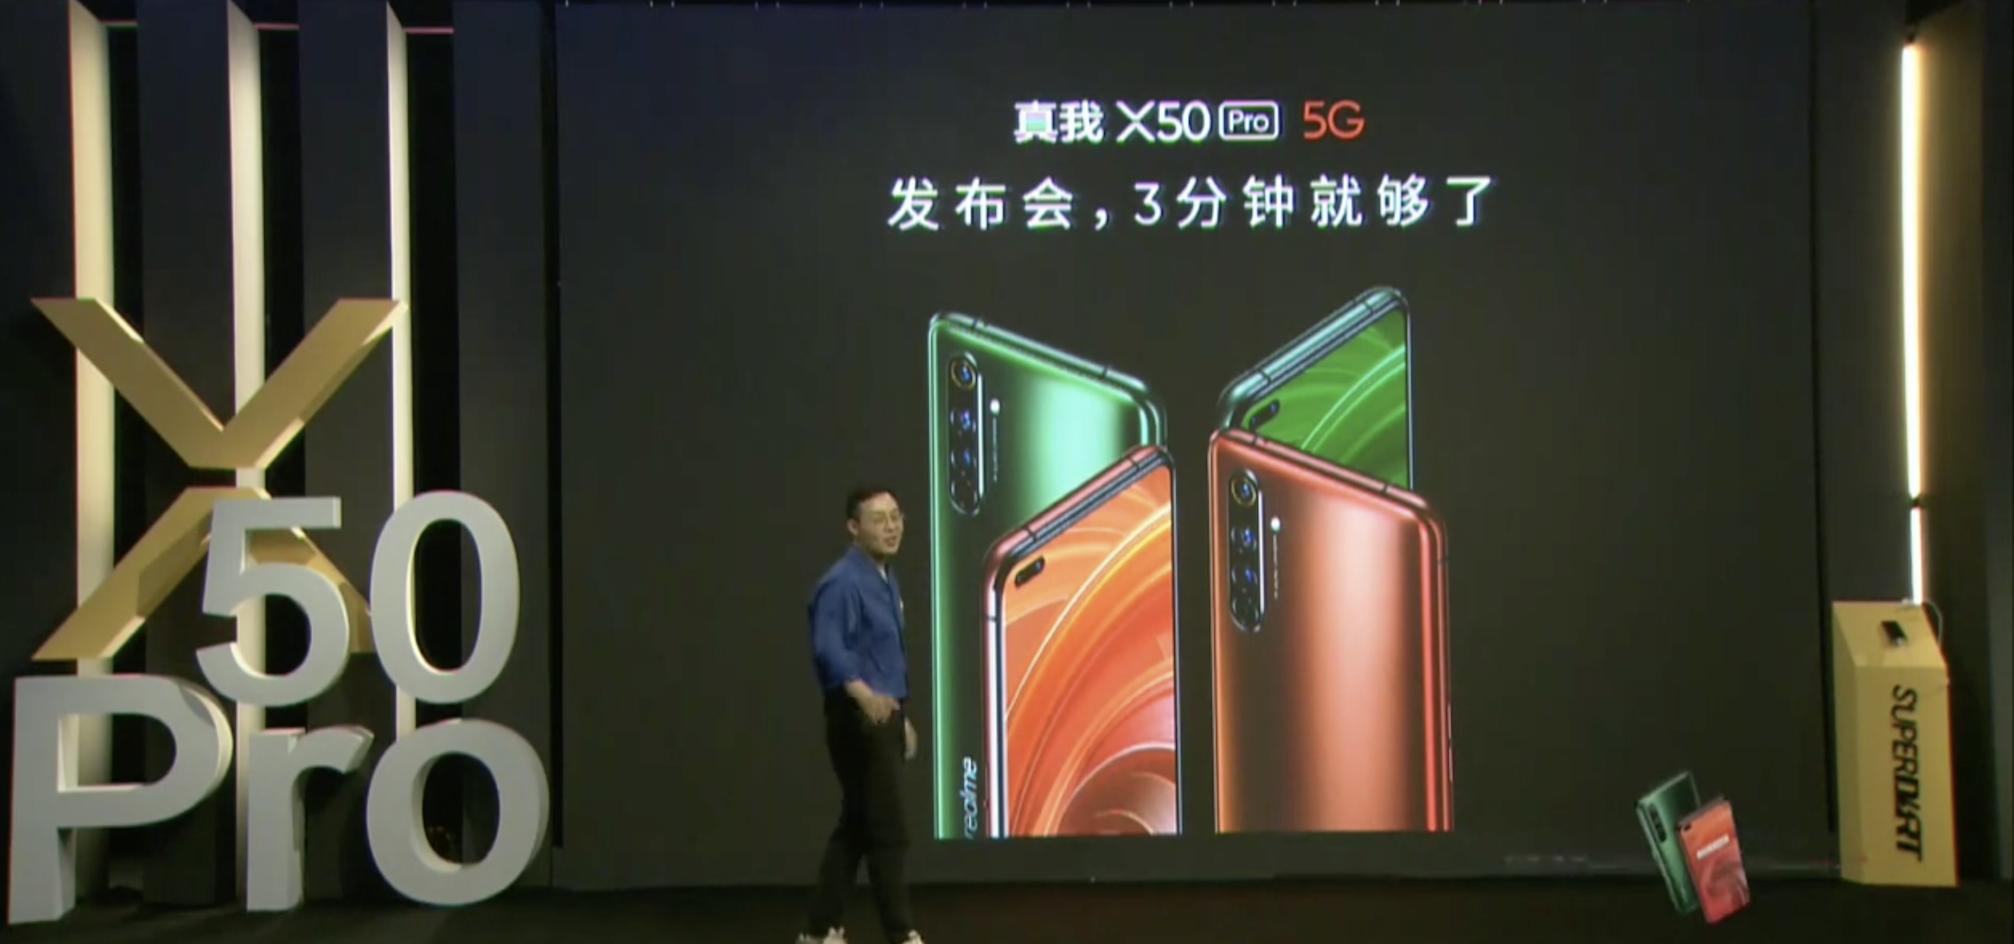 真香5G旗舰realme 真我X50 Pro 5G发布,网友:四舍五入等于不要钱